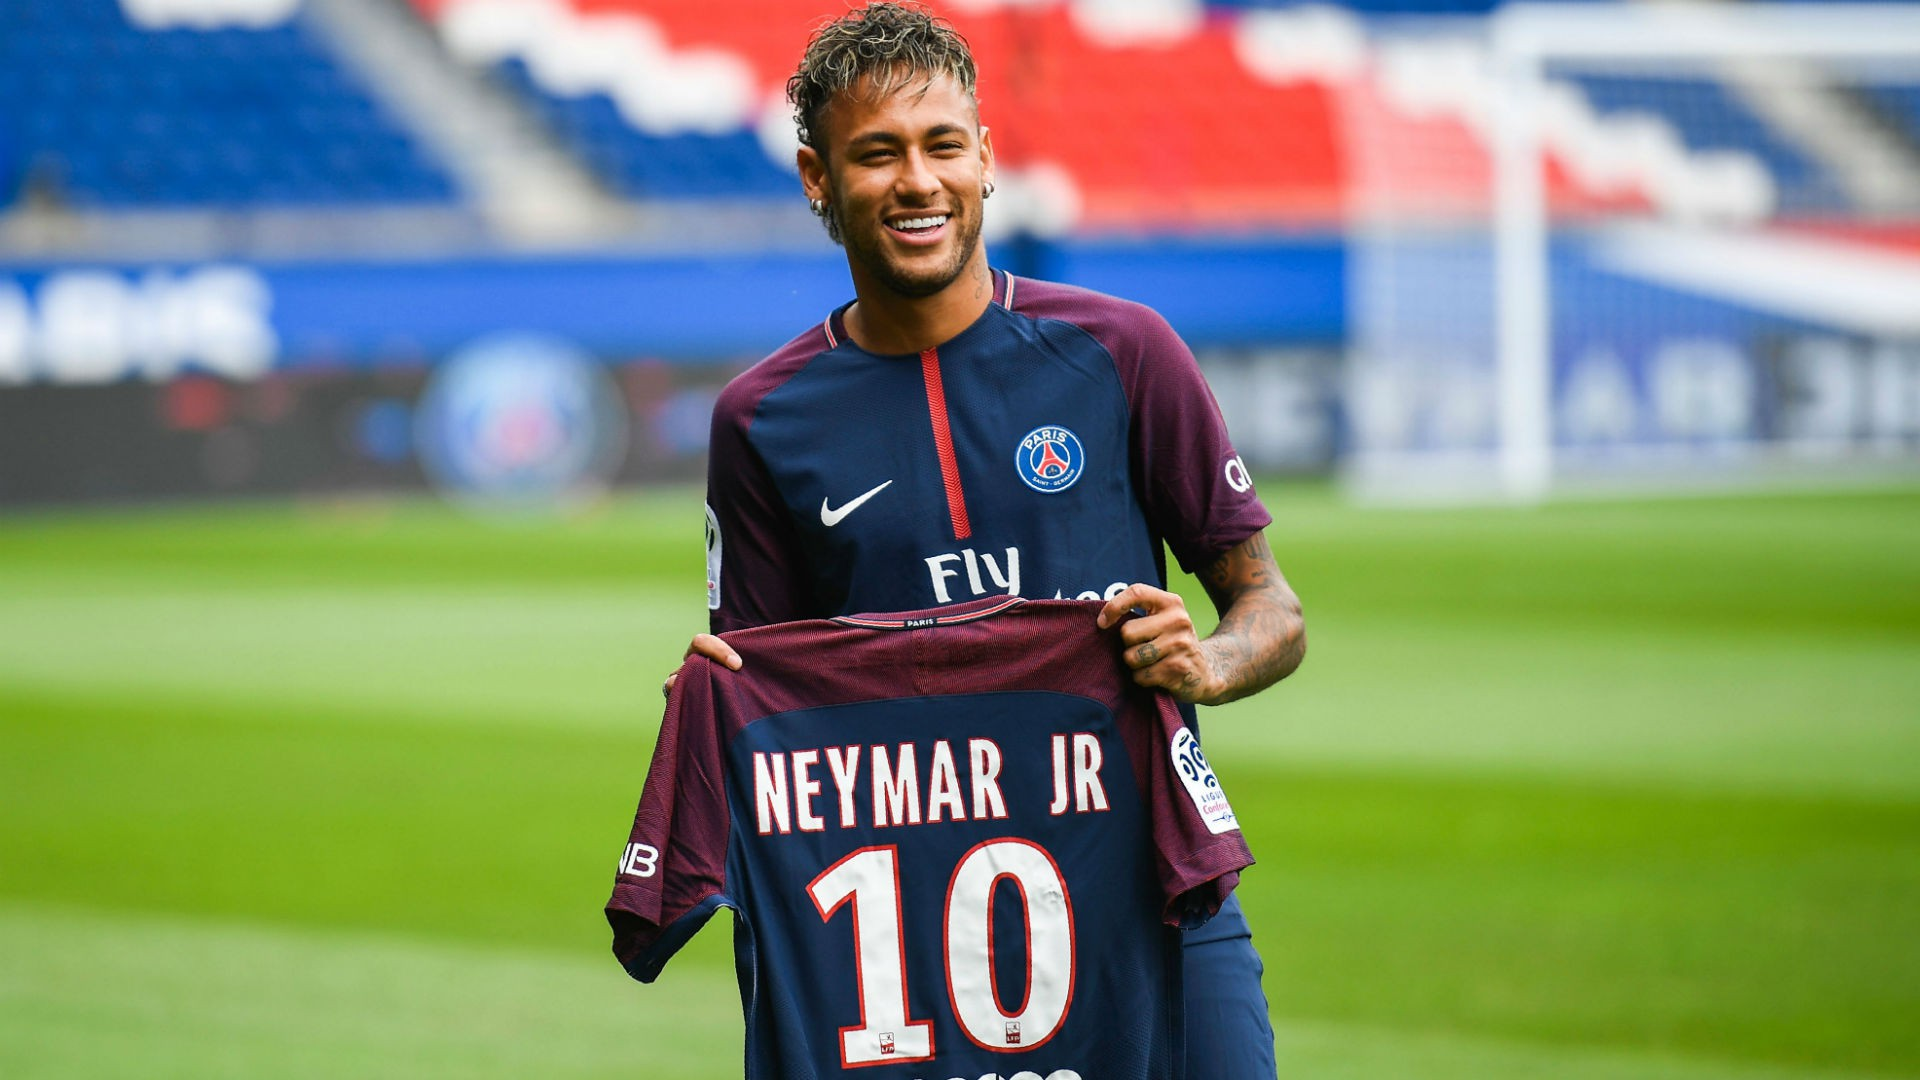 Neymar không nổi loạn để ra đi đến Real mà... sẽ đi có lộ trình! - Ảnh 2.